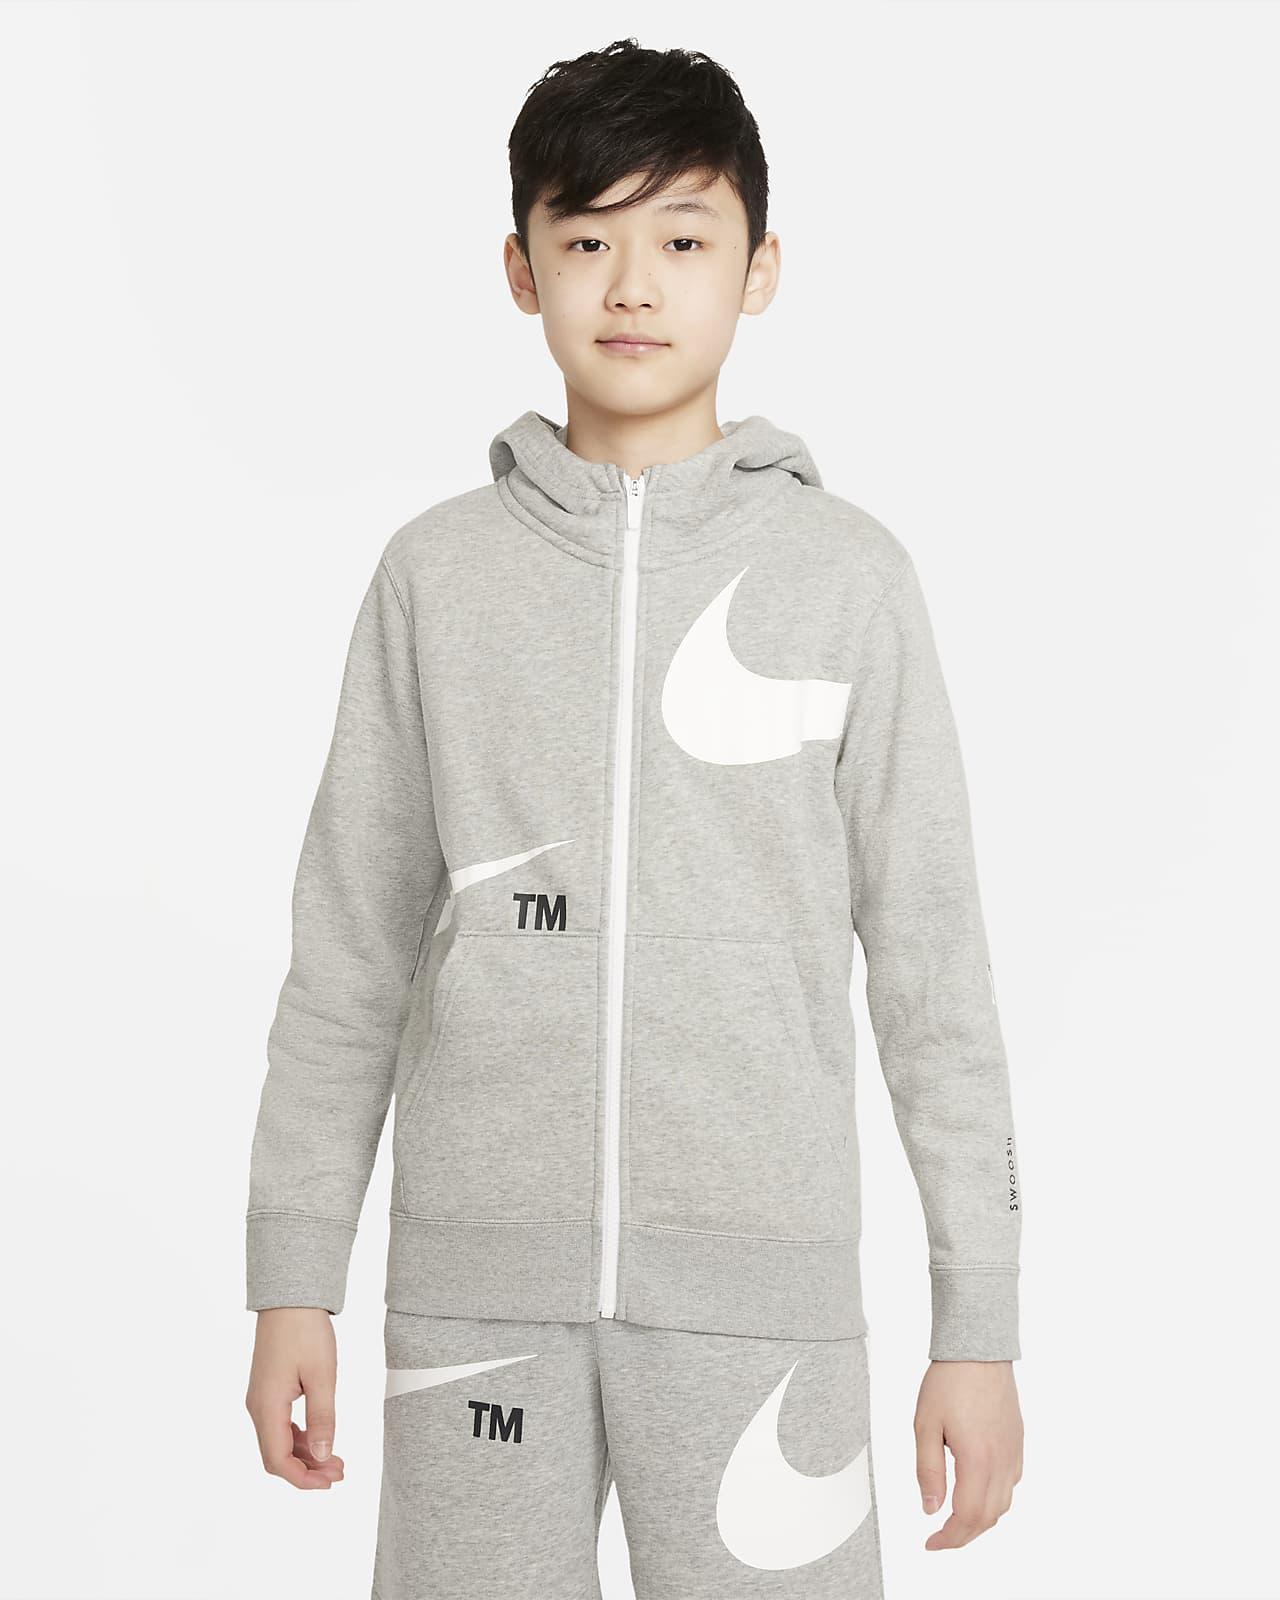 Флисовая худи с молнией во всю длину для мальчиков школьного возраста Nike Sportswear Swoosh